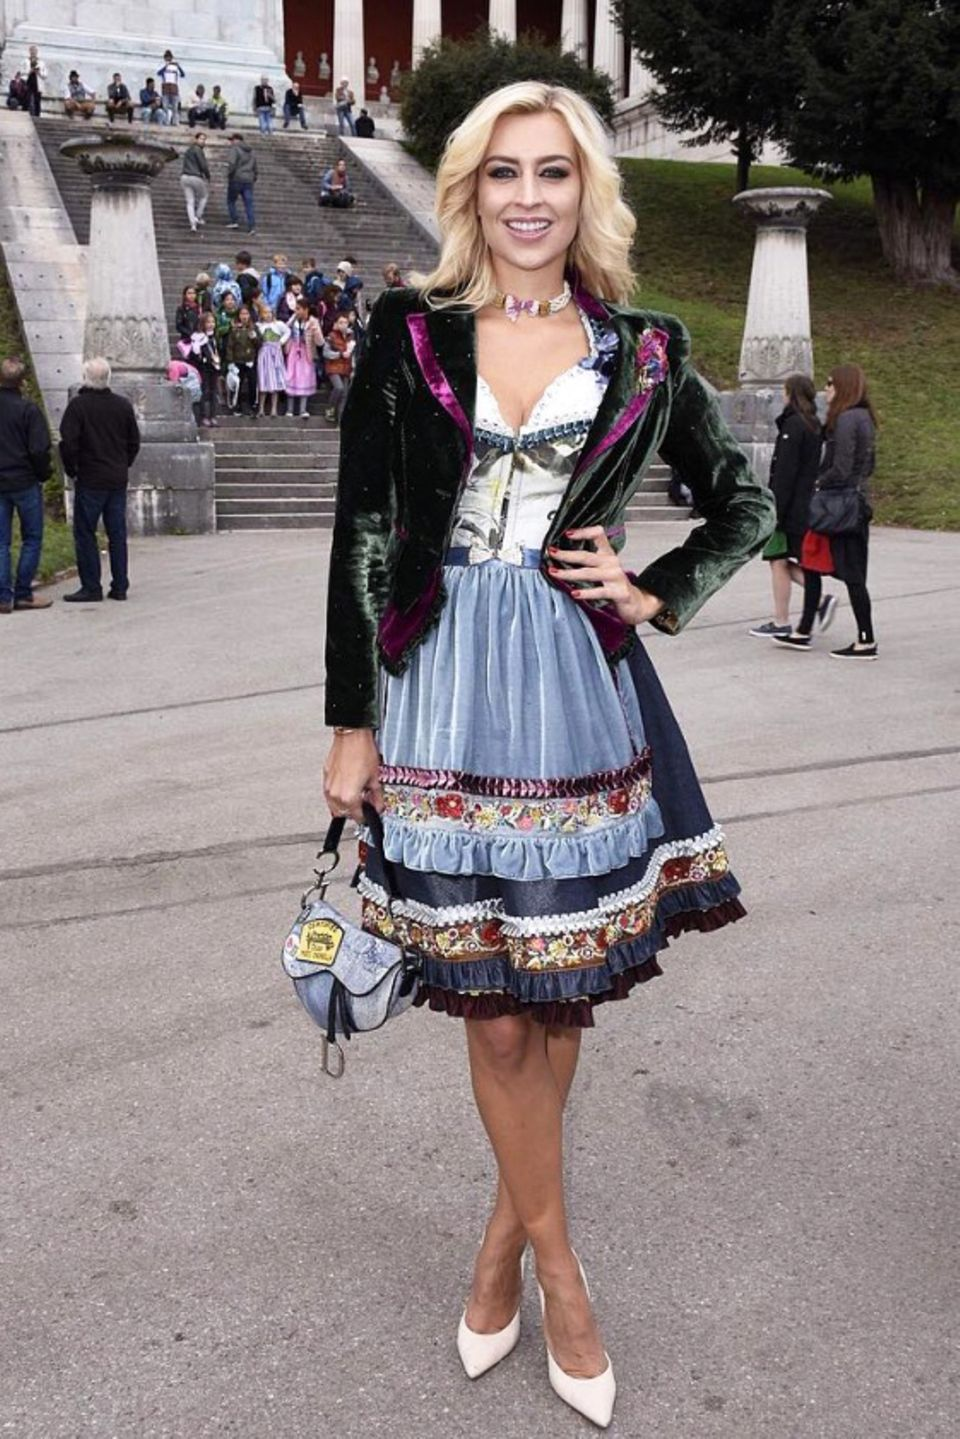 Samt und Seide: Verena Kerth trägt ein wunderschönes Dirndl von Lola Paltinger mit Samtelementen und Samtblazer Dazu trägt sie eine Dior Saddle Bag in Denim-Optik. Ein gelungener Stilmix - aber in Sachen Wiesn-Styling ist die Moderatorin ja auch schon längst ein echter Profi.